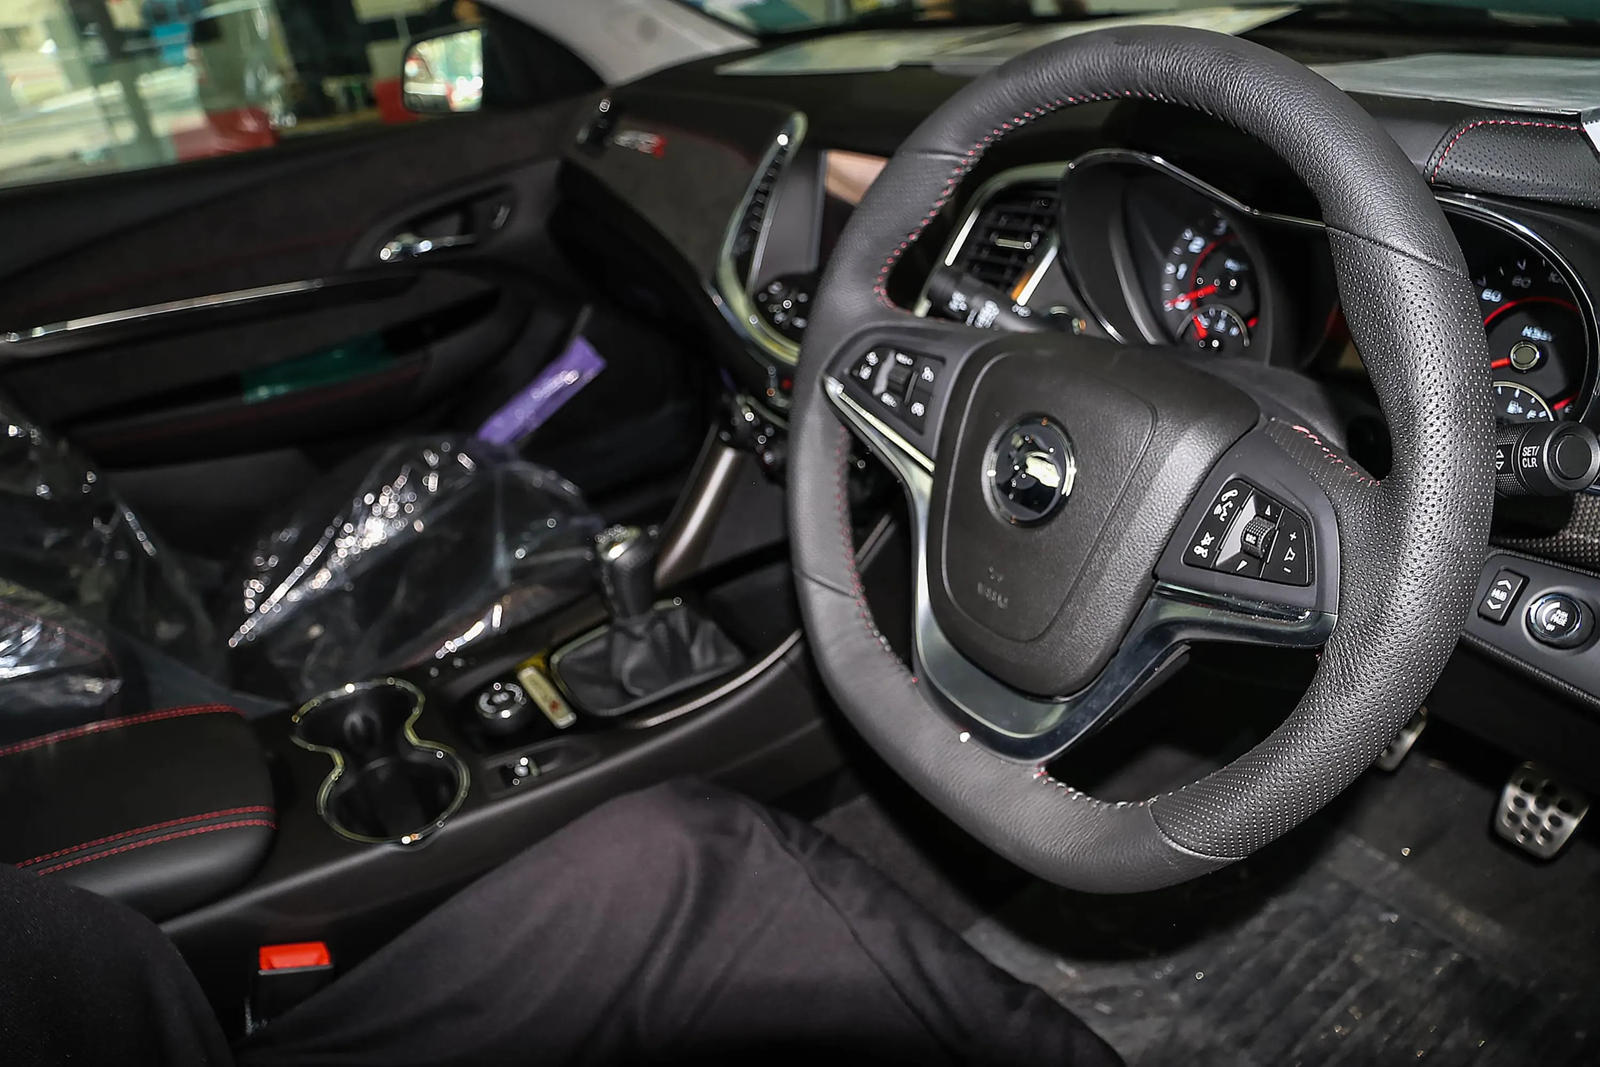 Этот конкретный HSV Maloo GTSR имеет номер 600 из 600 и показывает на одометре только 27 километров. Так что же делает этот грузовик с низкой посадкой таким особенным? Под капотом скрывается 6,2-литровый бензиновый двигатель V8, который передает 583